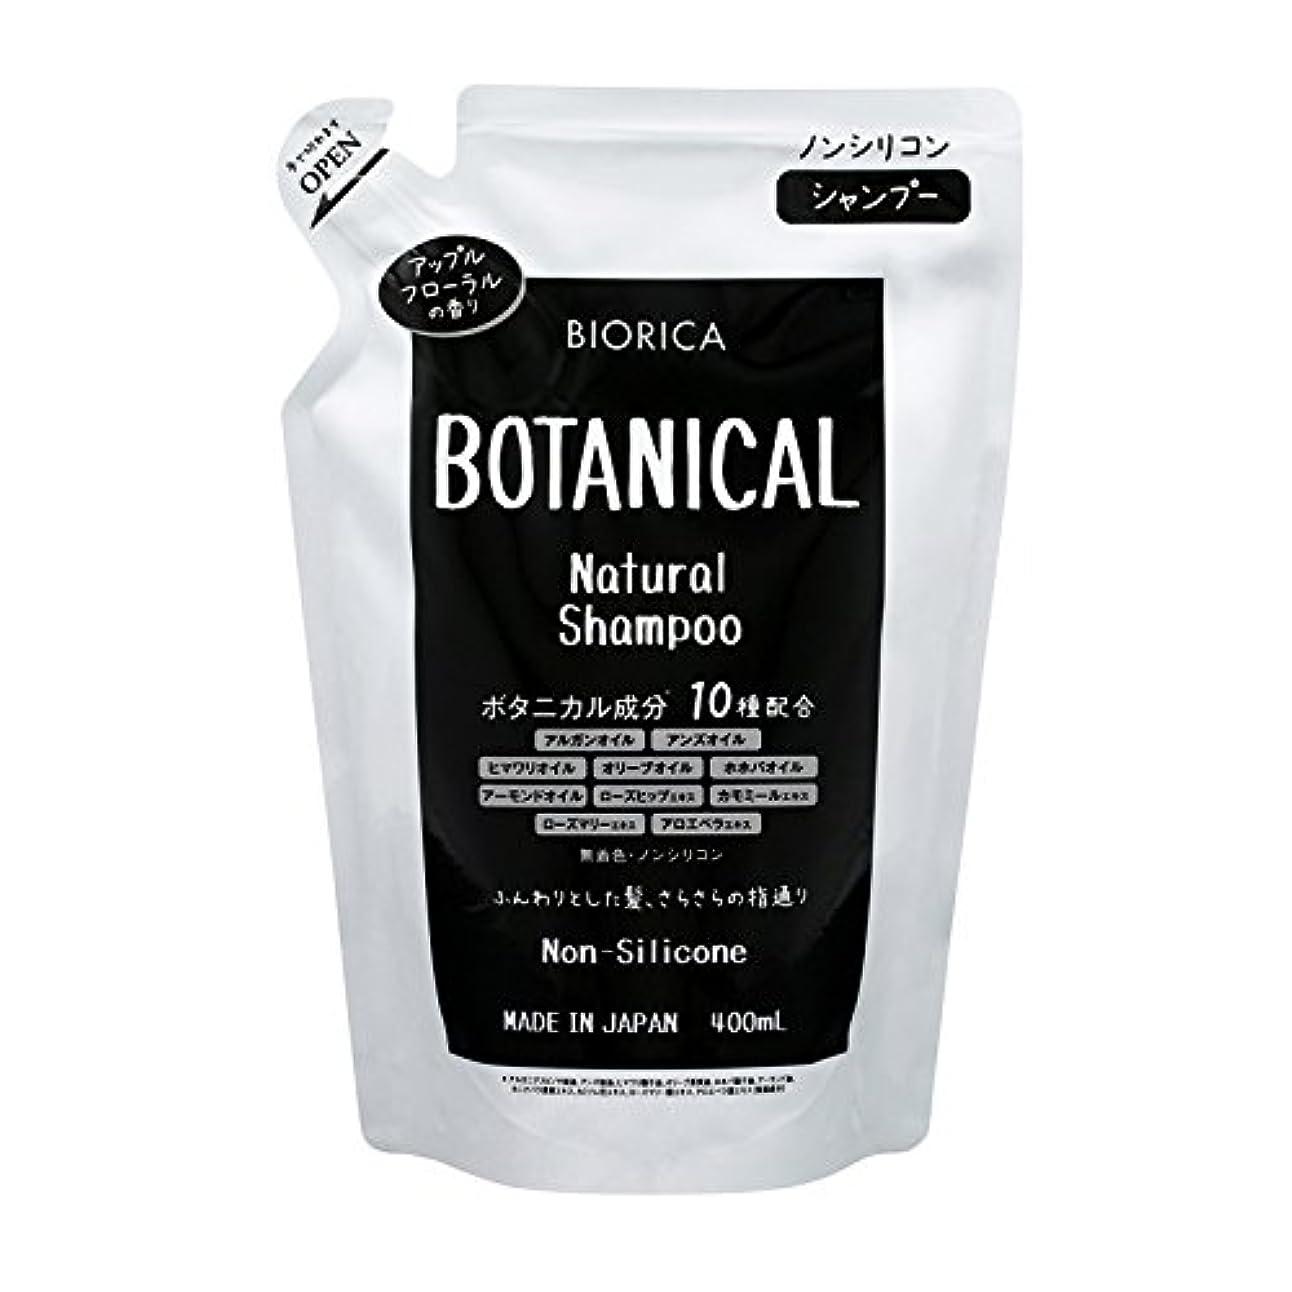 空気乗って絶滅したBIORICA ビオリカ ボタニカル ノンシリコン シャンプー 詰め替え アップルフローラルの香り 400ml 日本製